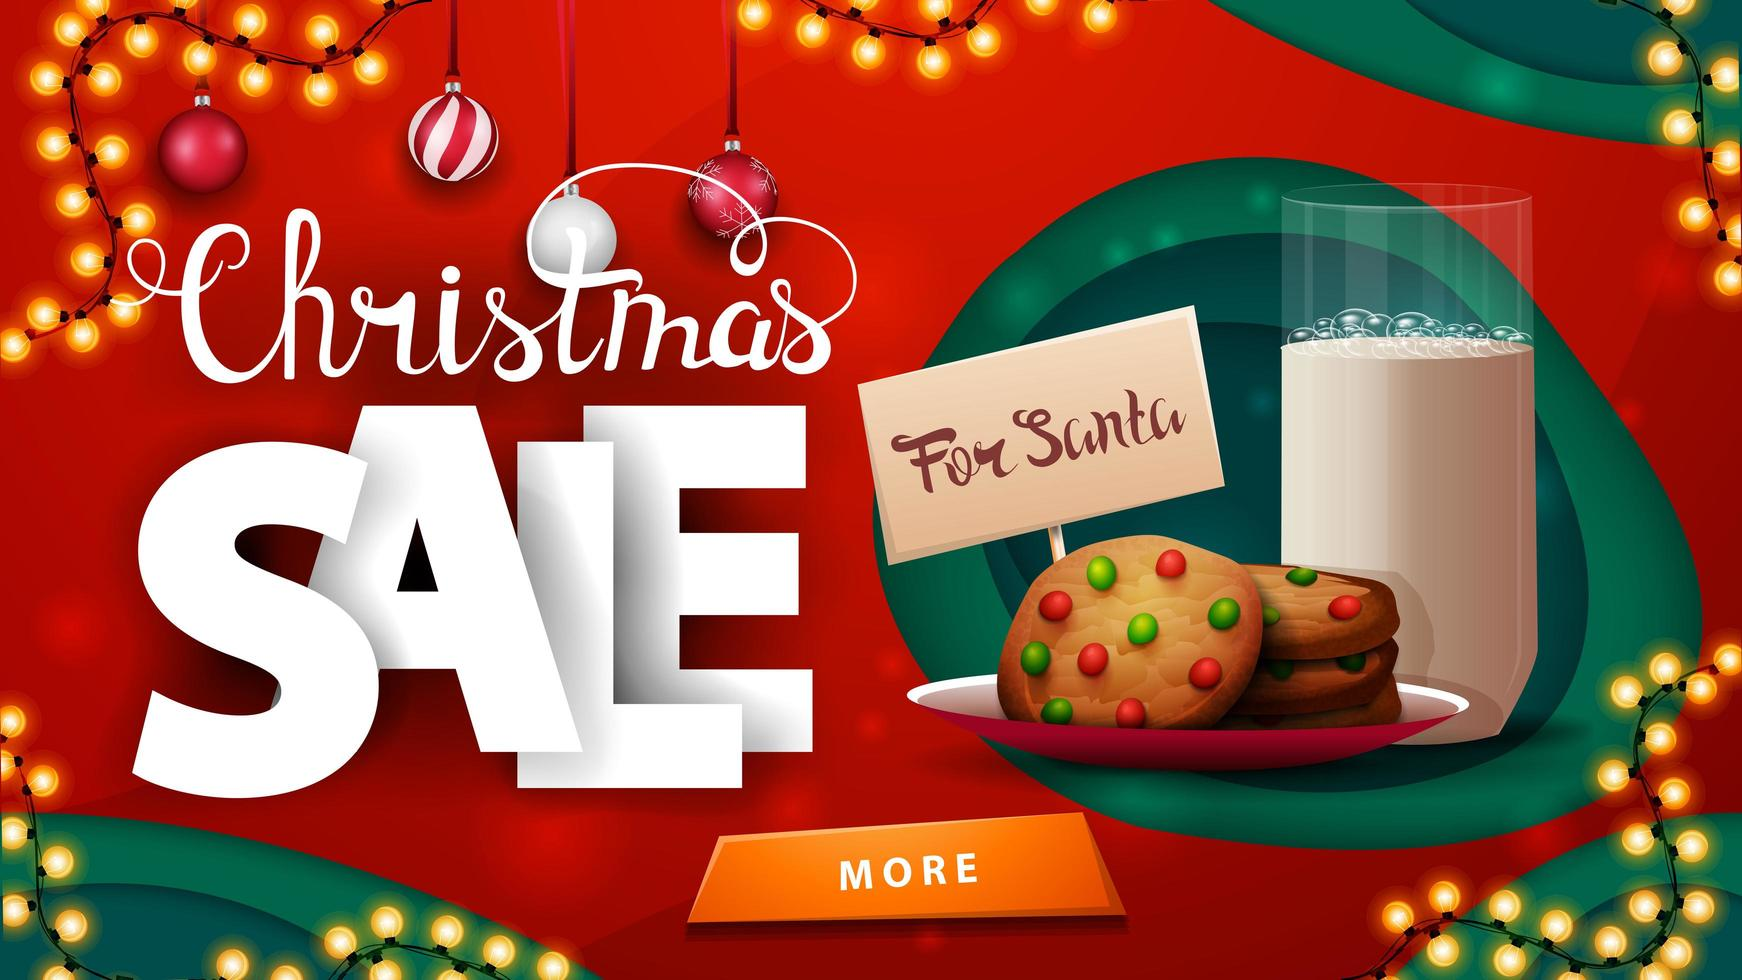 Weihnachtsverkauf, rotes Rabattbanner im Papierschnittstil mit Girlanden, Weihnachtskugeln, großen volumetrischen Buchstaben und Keksen für Weihnachtsmann mit Glas Milch vektor